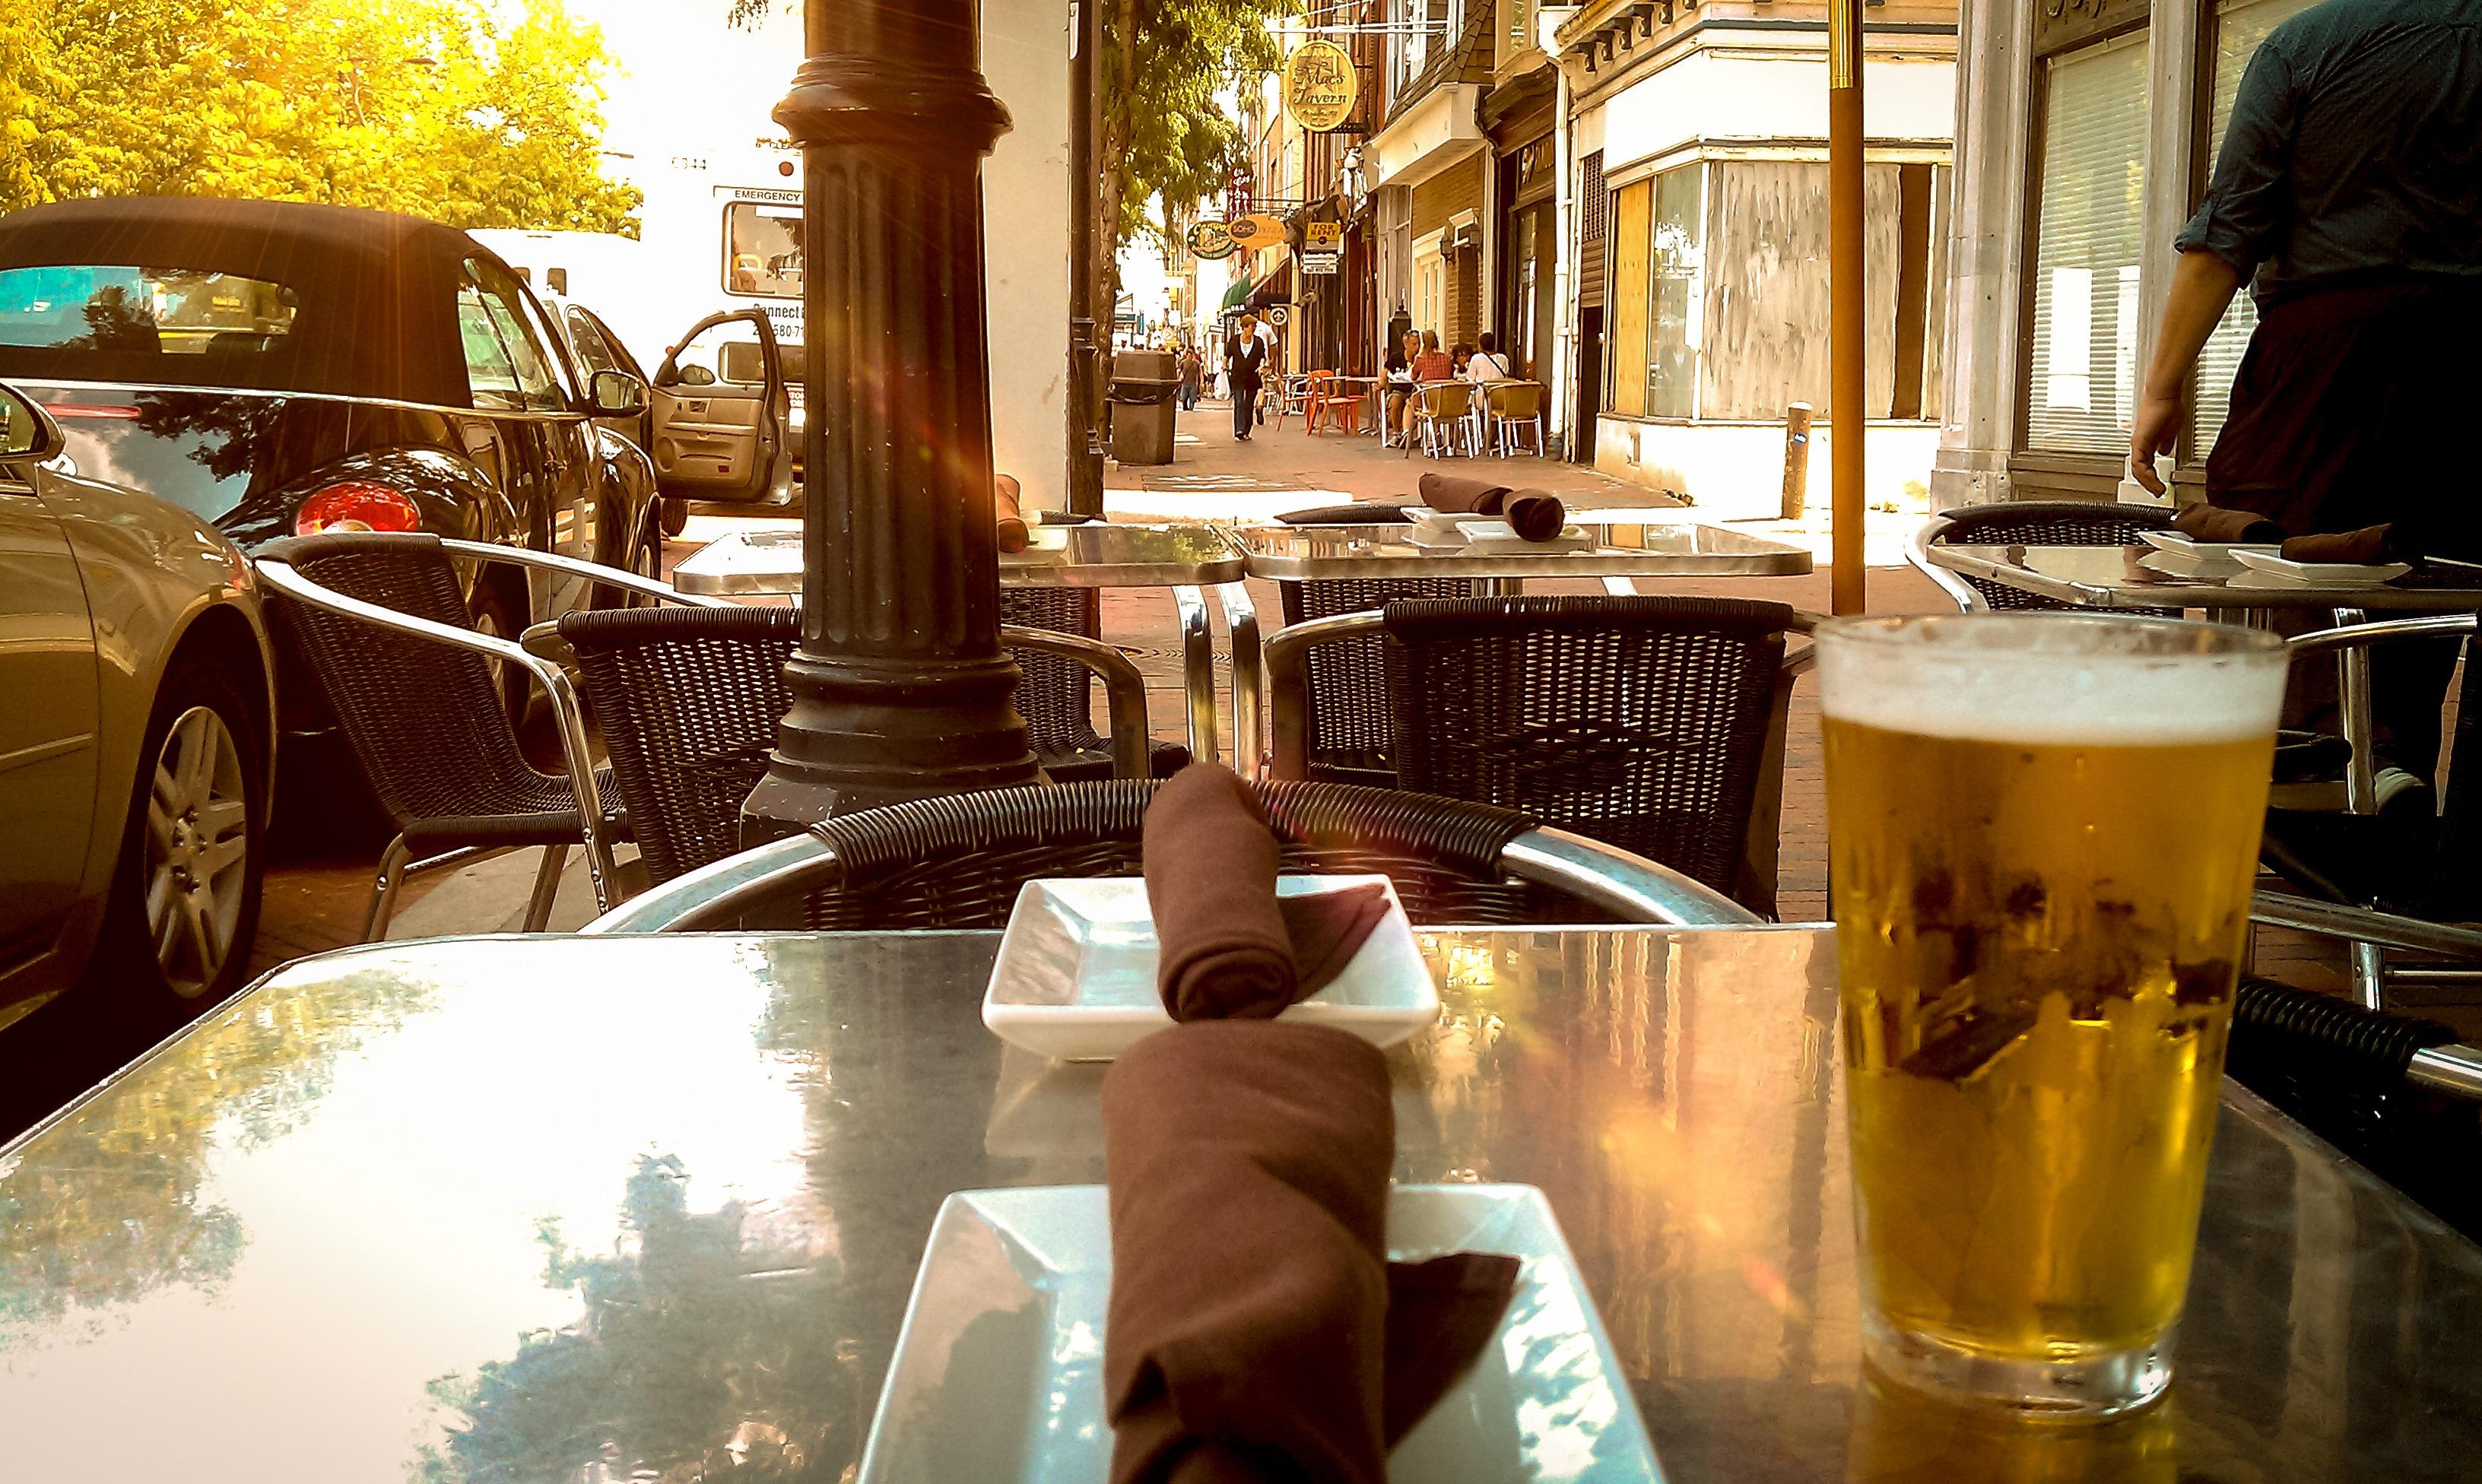 Fotos Gratis Mesa Abierto Silla Vaso Restaurante Bar  # Muebles Filadelfia